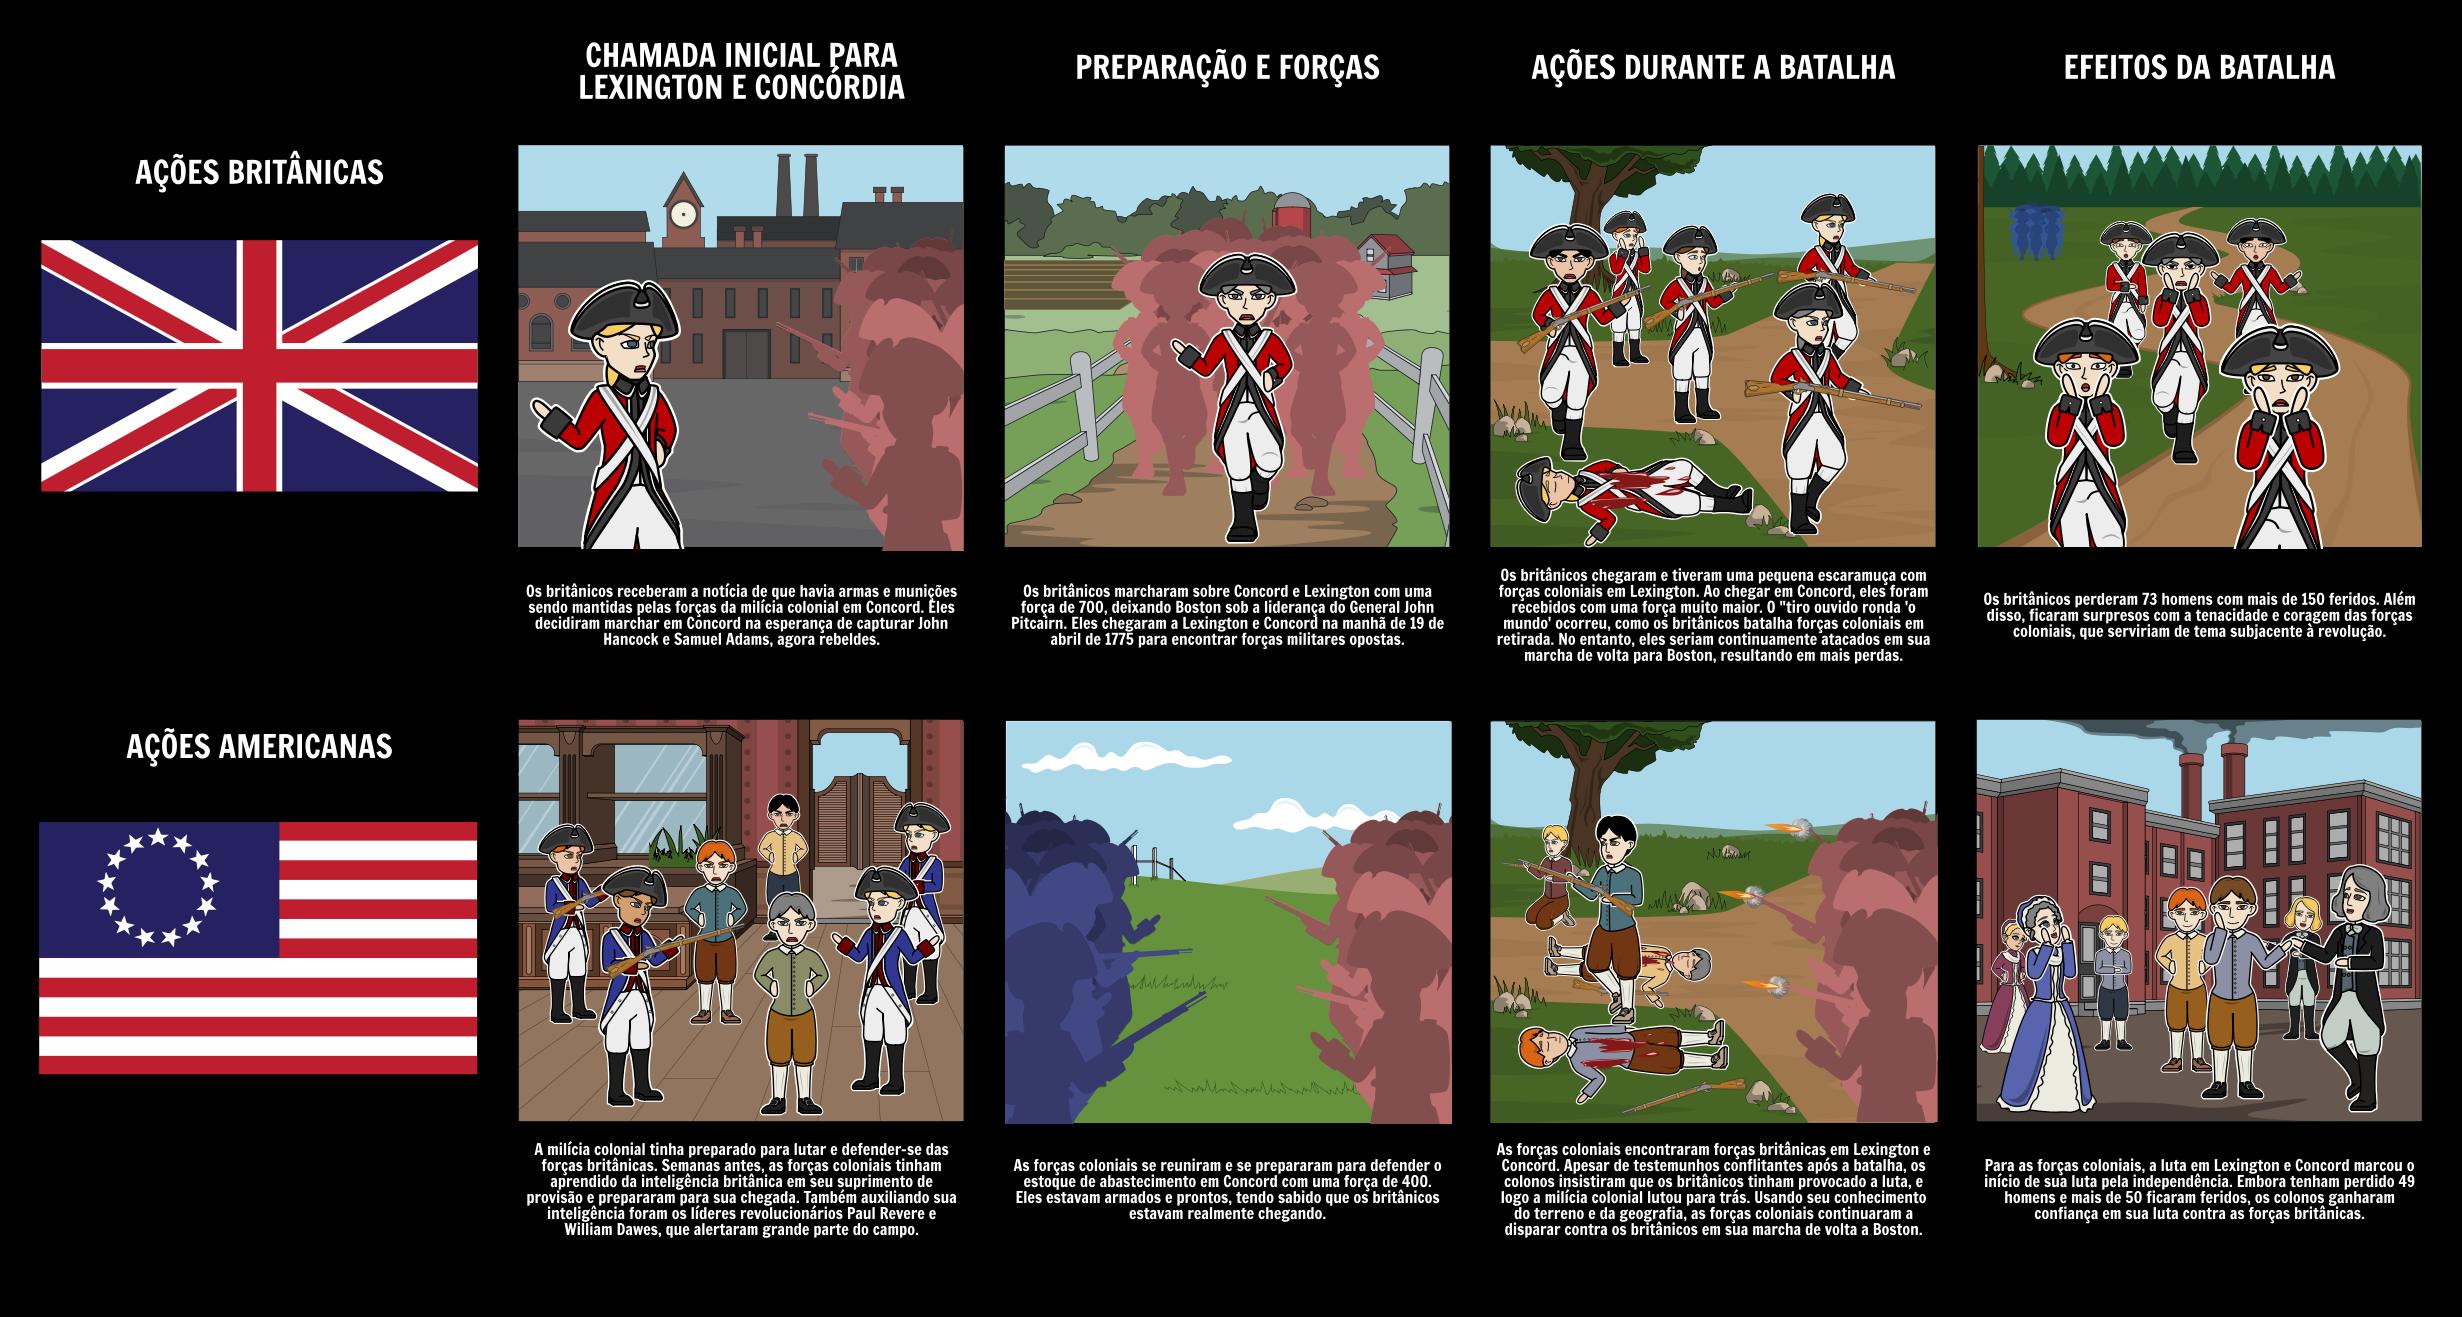 A Batalha de Lexington e Concord